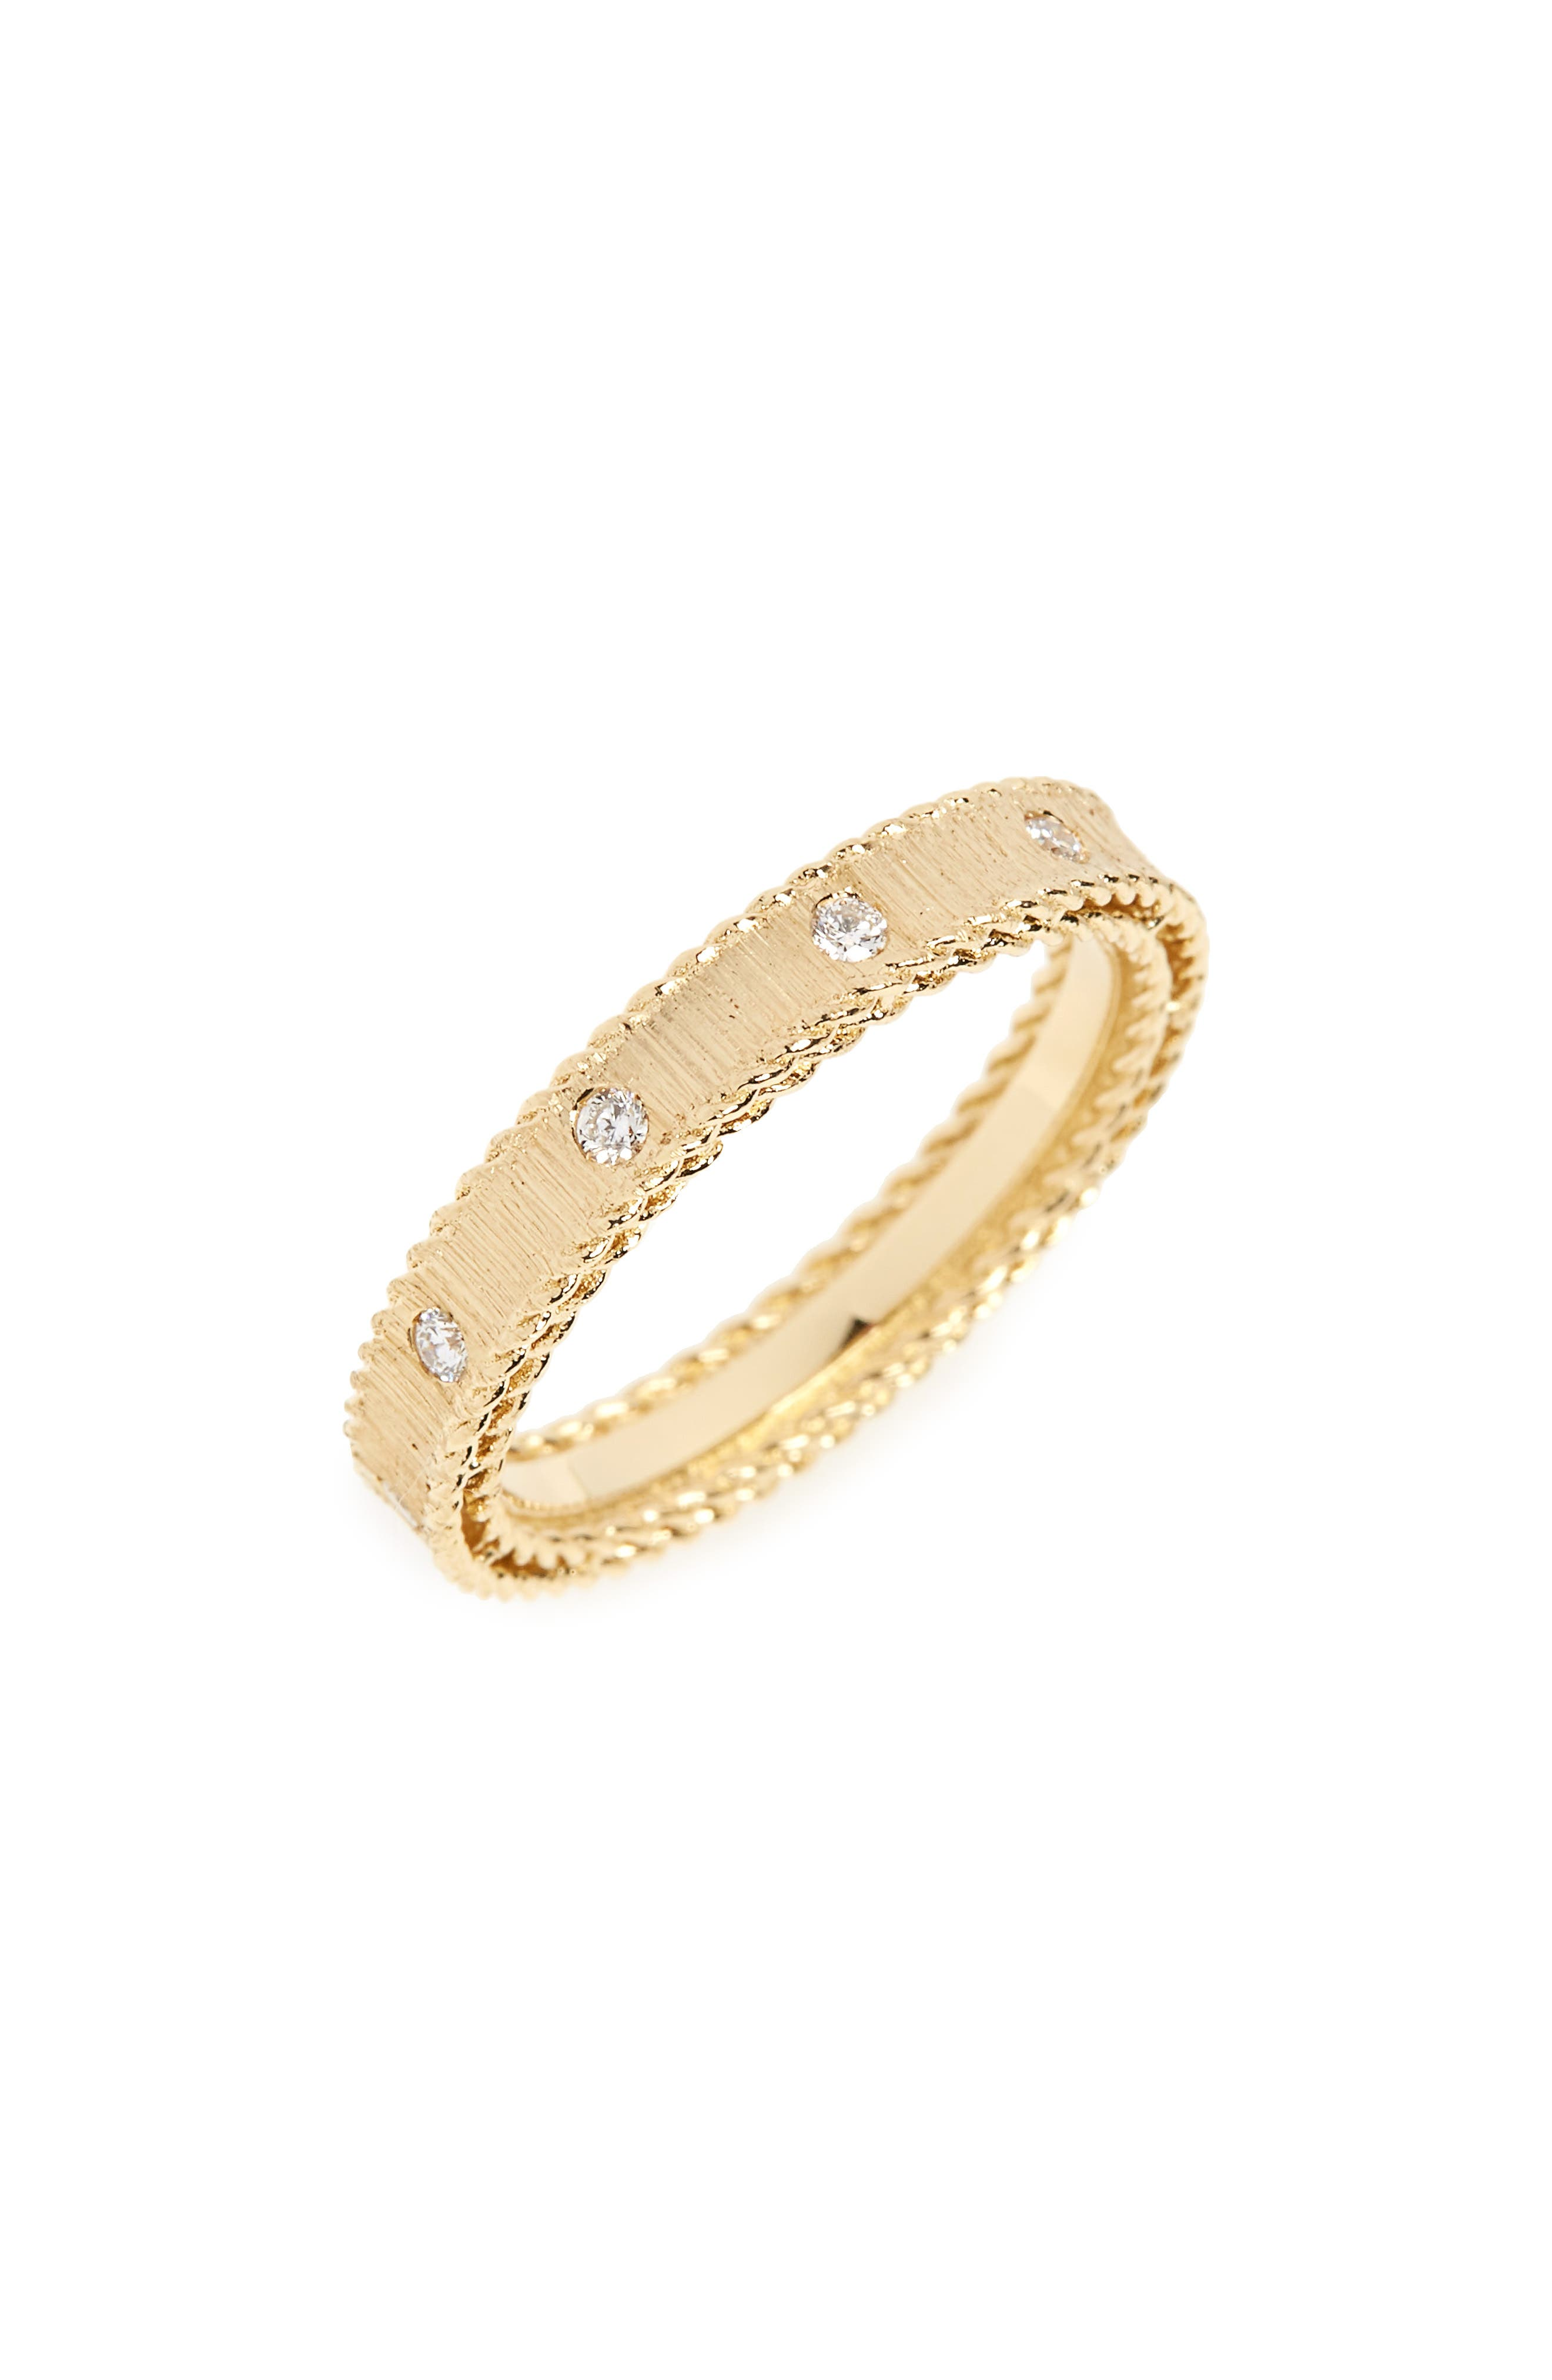 Diamond Princess Ring,                             Main thumbnail 1, color,                             D0.13 GHS1 18KYG